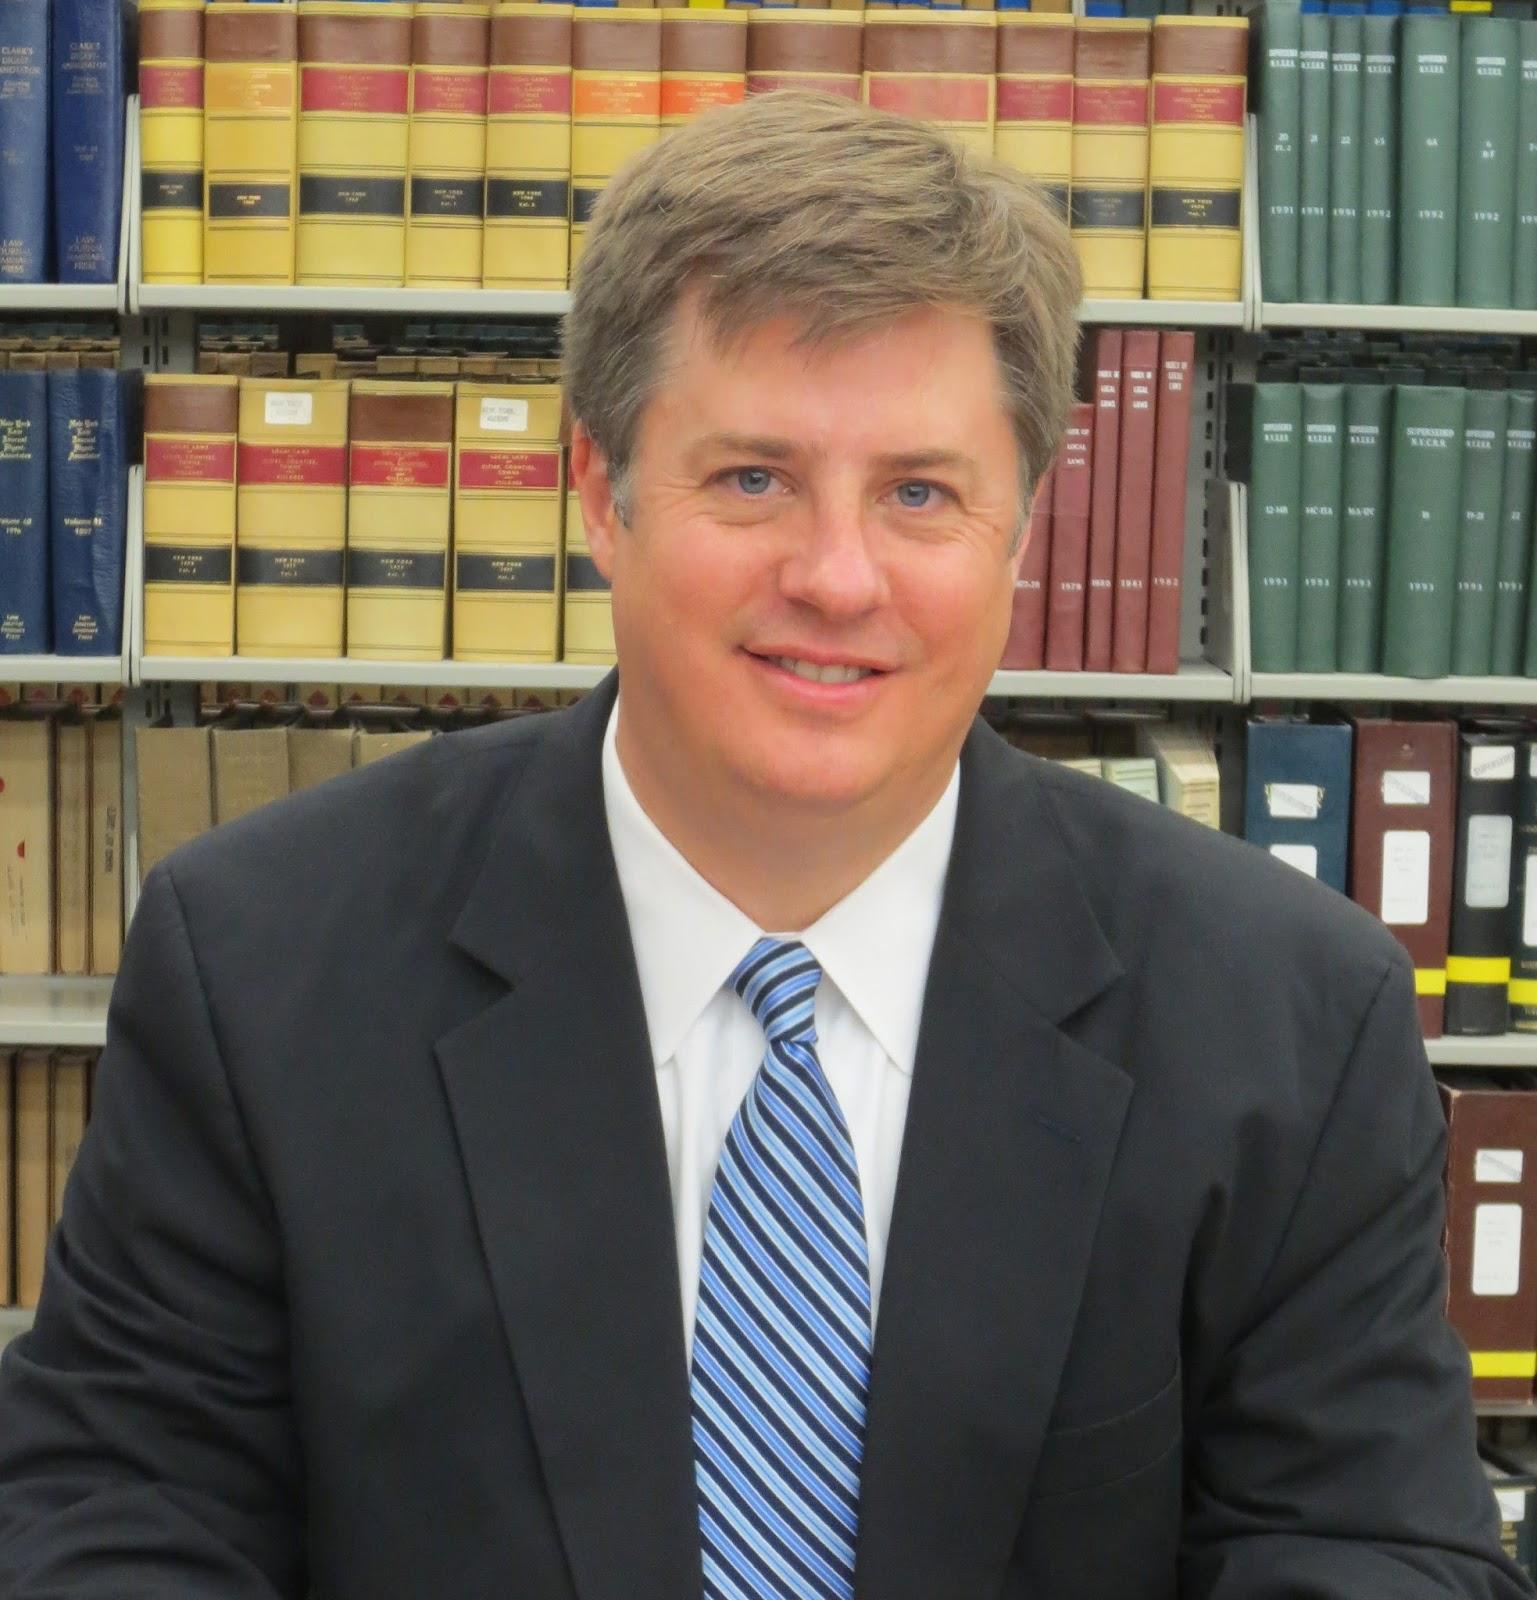 Elect Tom Puchner Kinderhook Town Justicekinderhook town